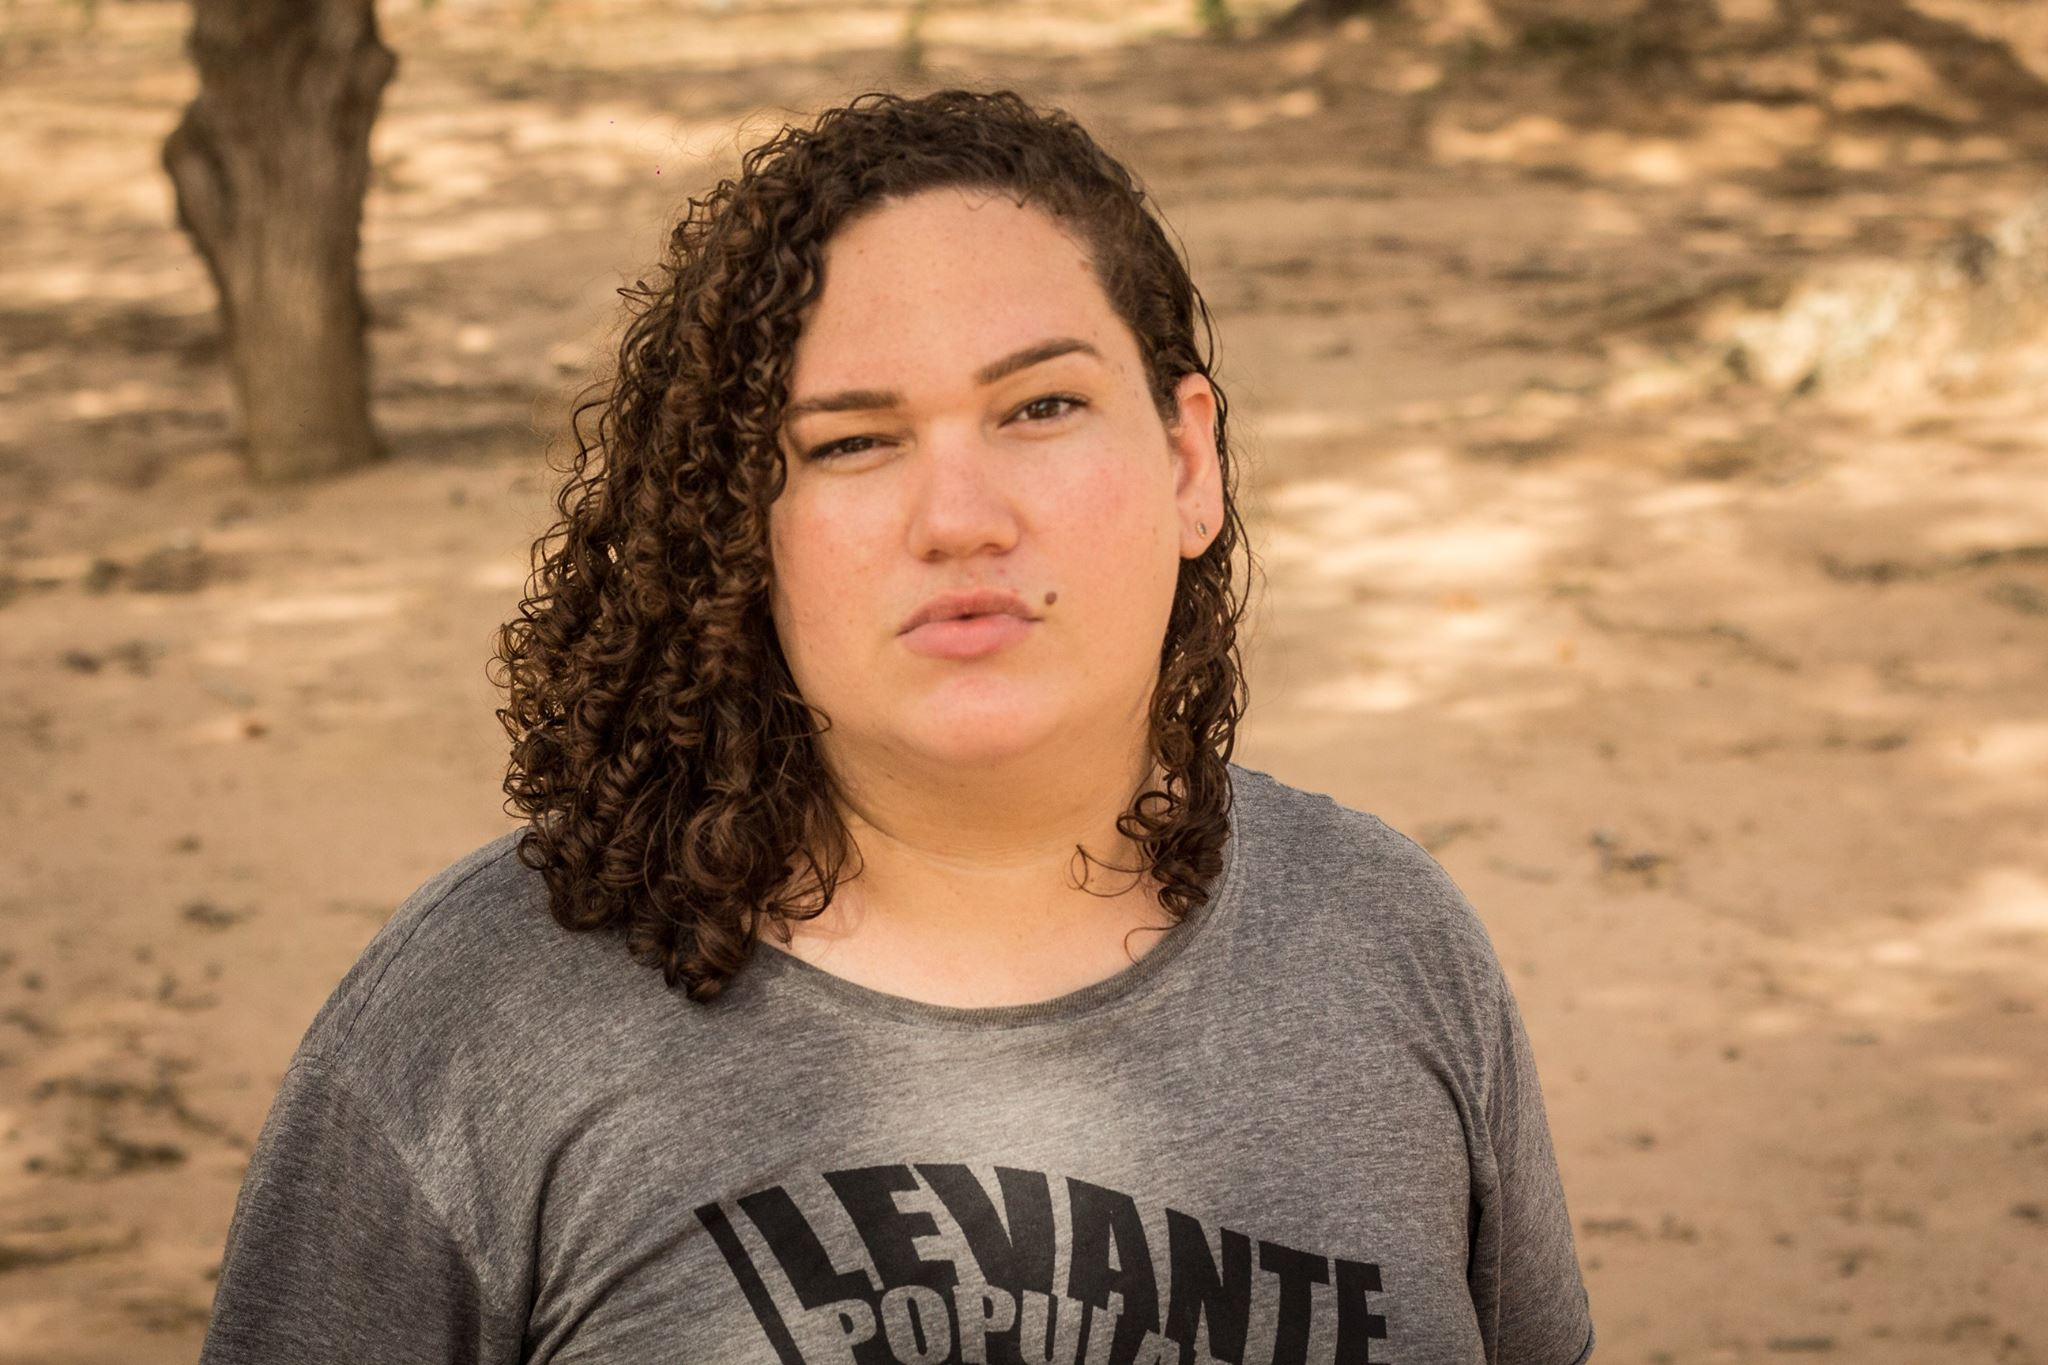 Janaína Lima - jornalista. Além disso, ela é coordenadora de Diversidade Sexual e de Gênero da Secretaria de Mulheres